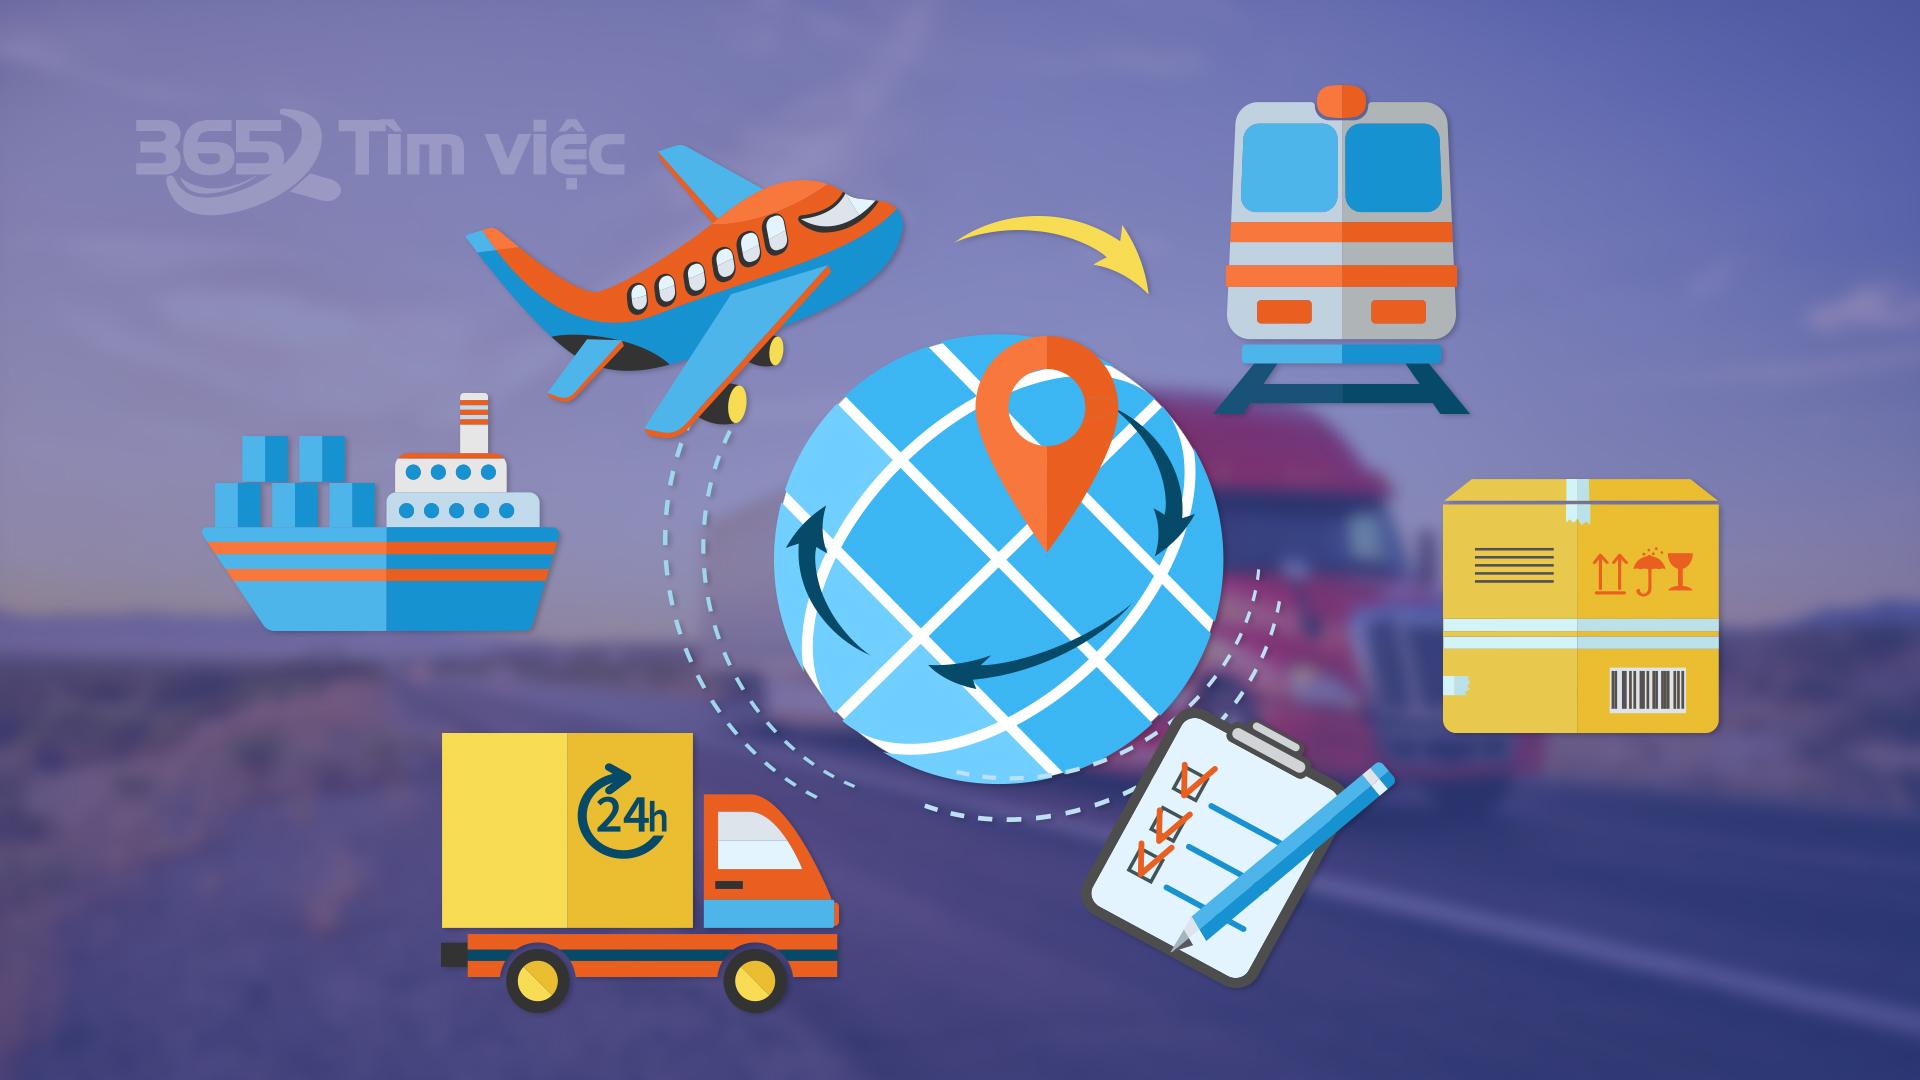 Đối với lĩnh vực lưu thông hàng hóa